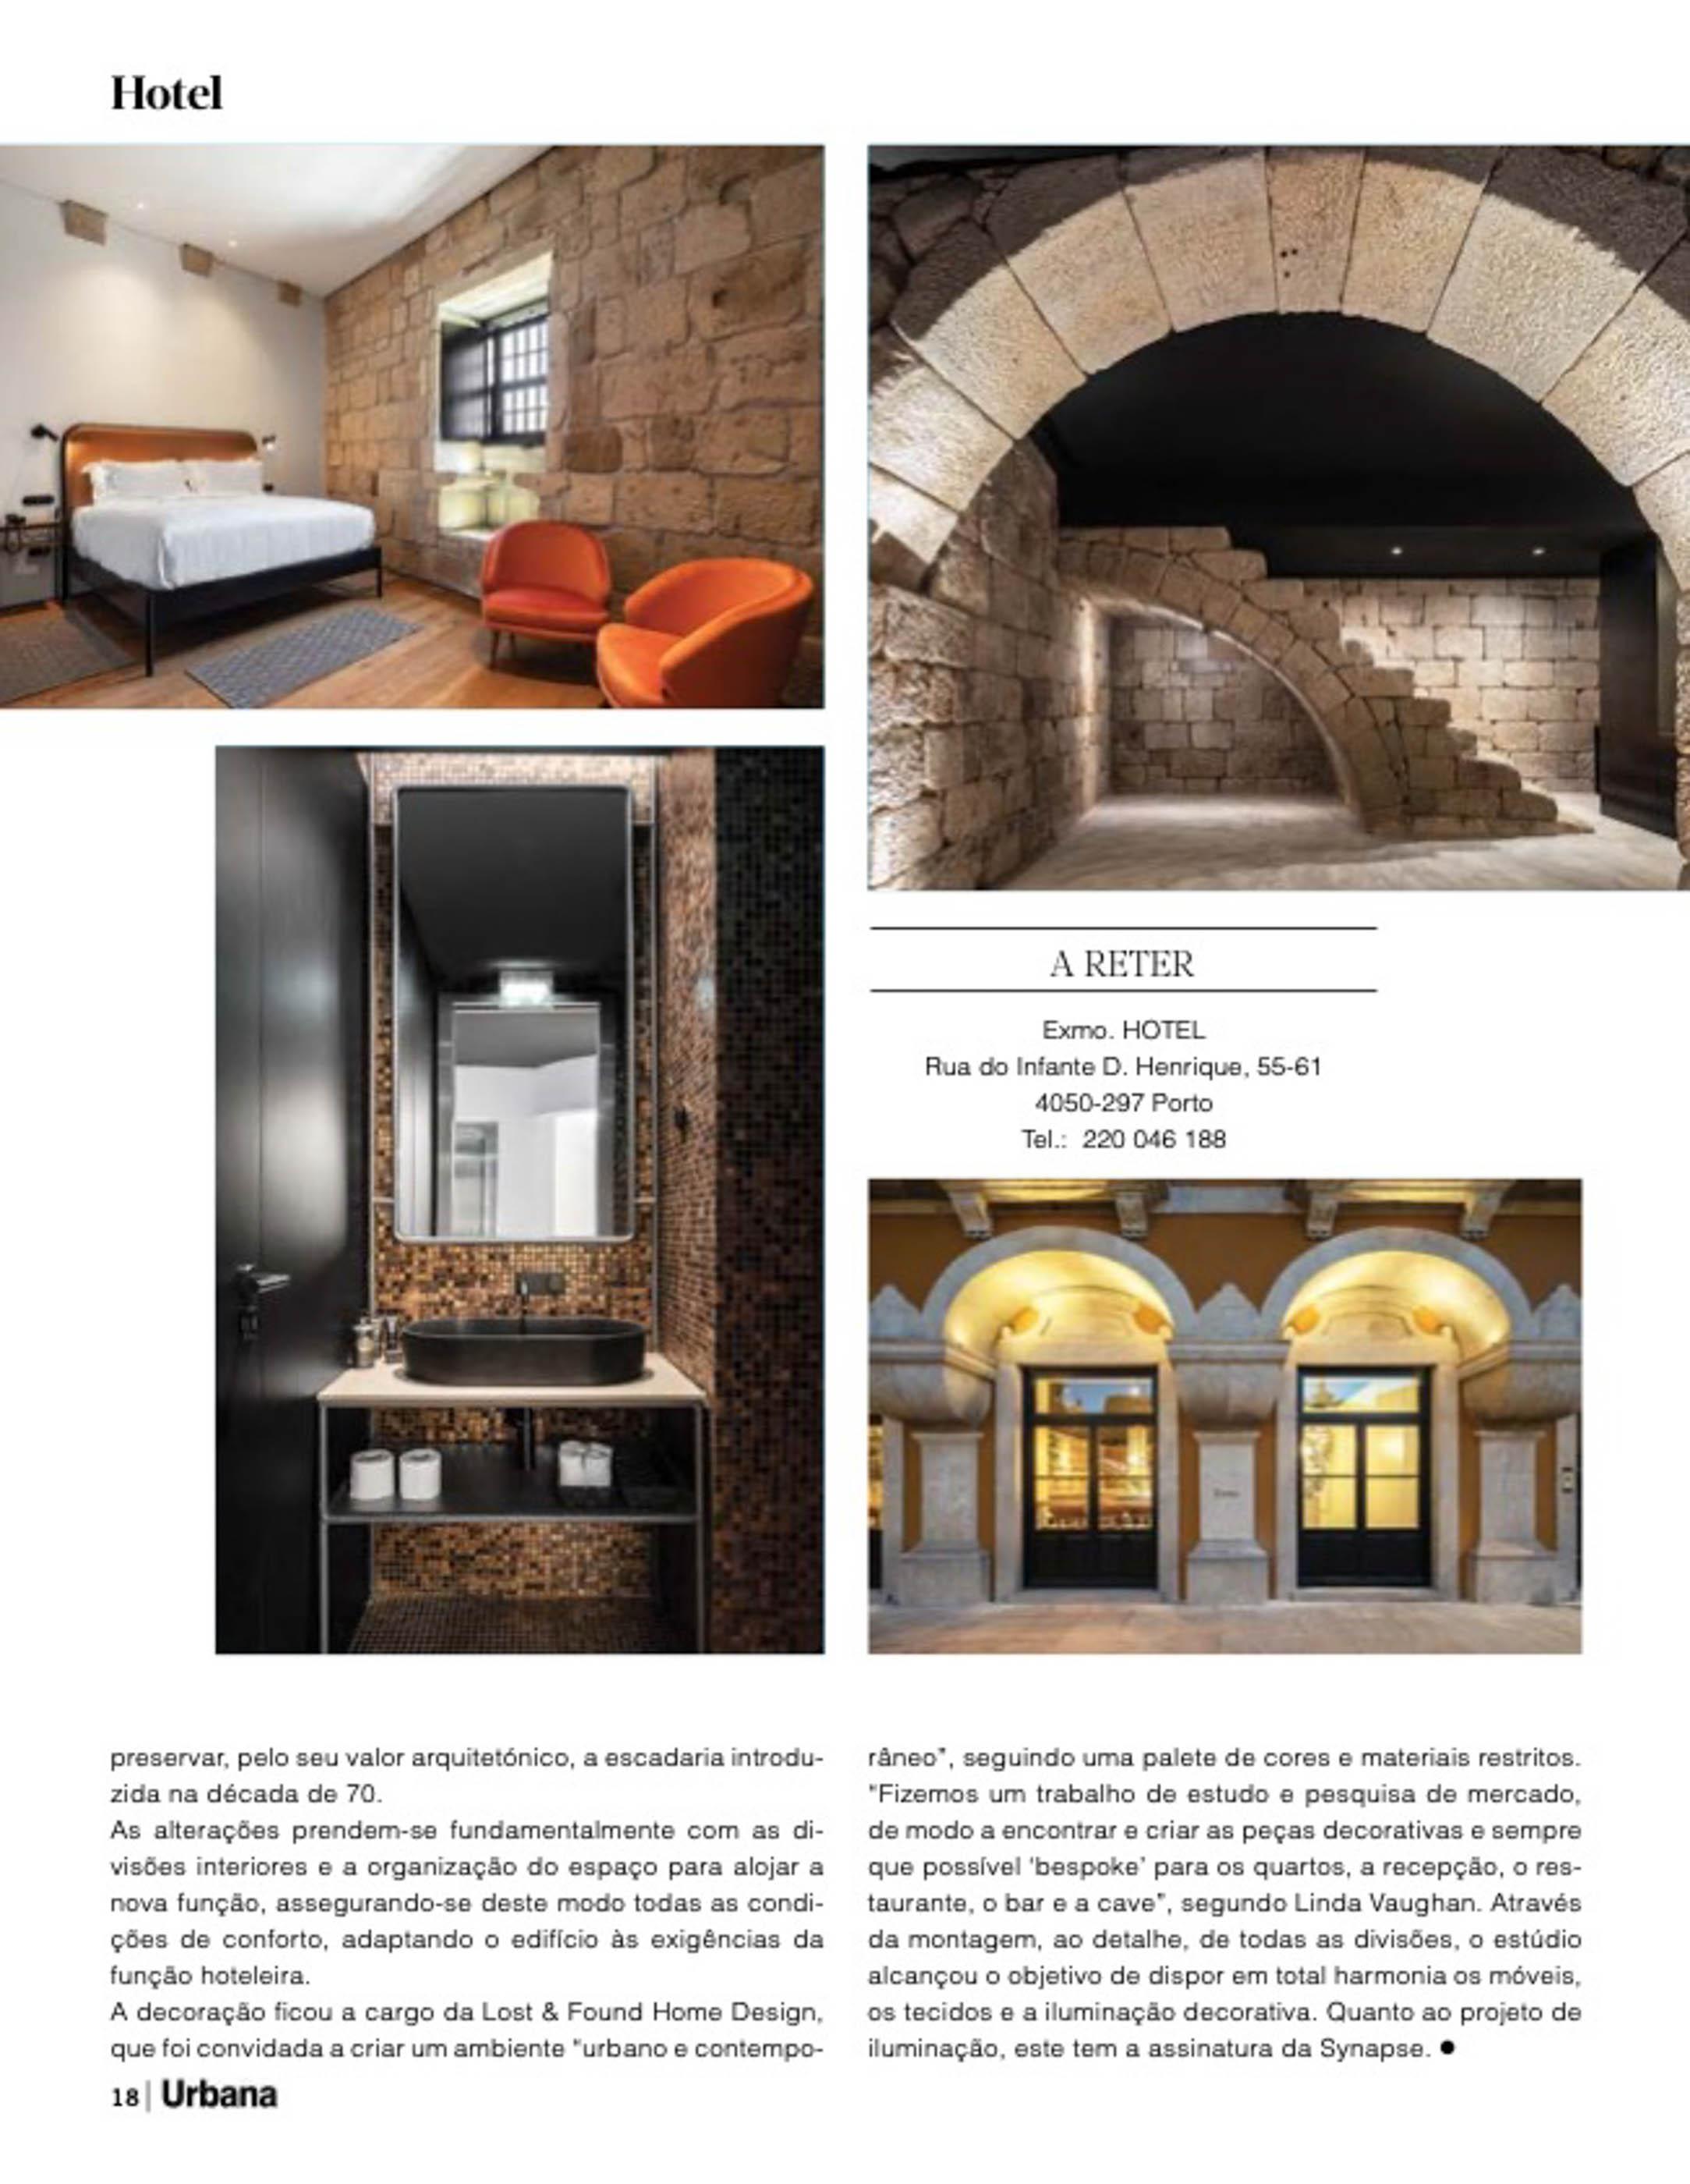 Exmo Hotel no Porto do atelier Floret Arquitectura publicado na revista Urbana com fotografia de arquitetura Ivo Tavares Studio